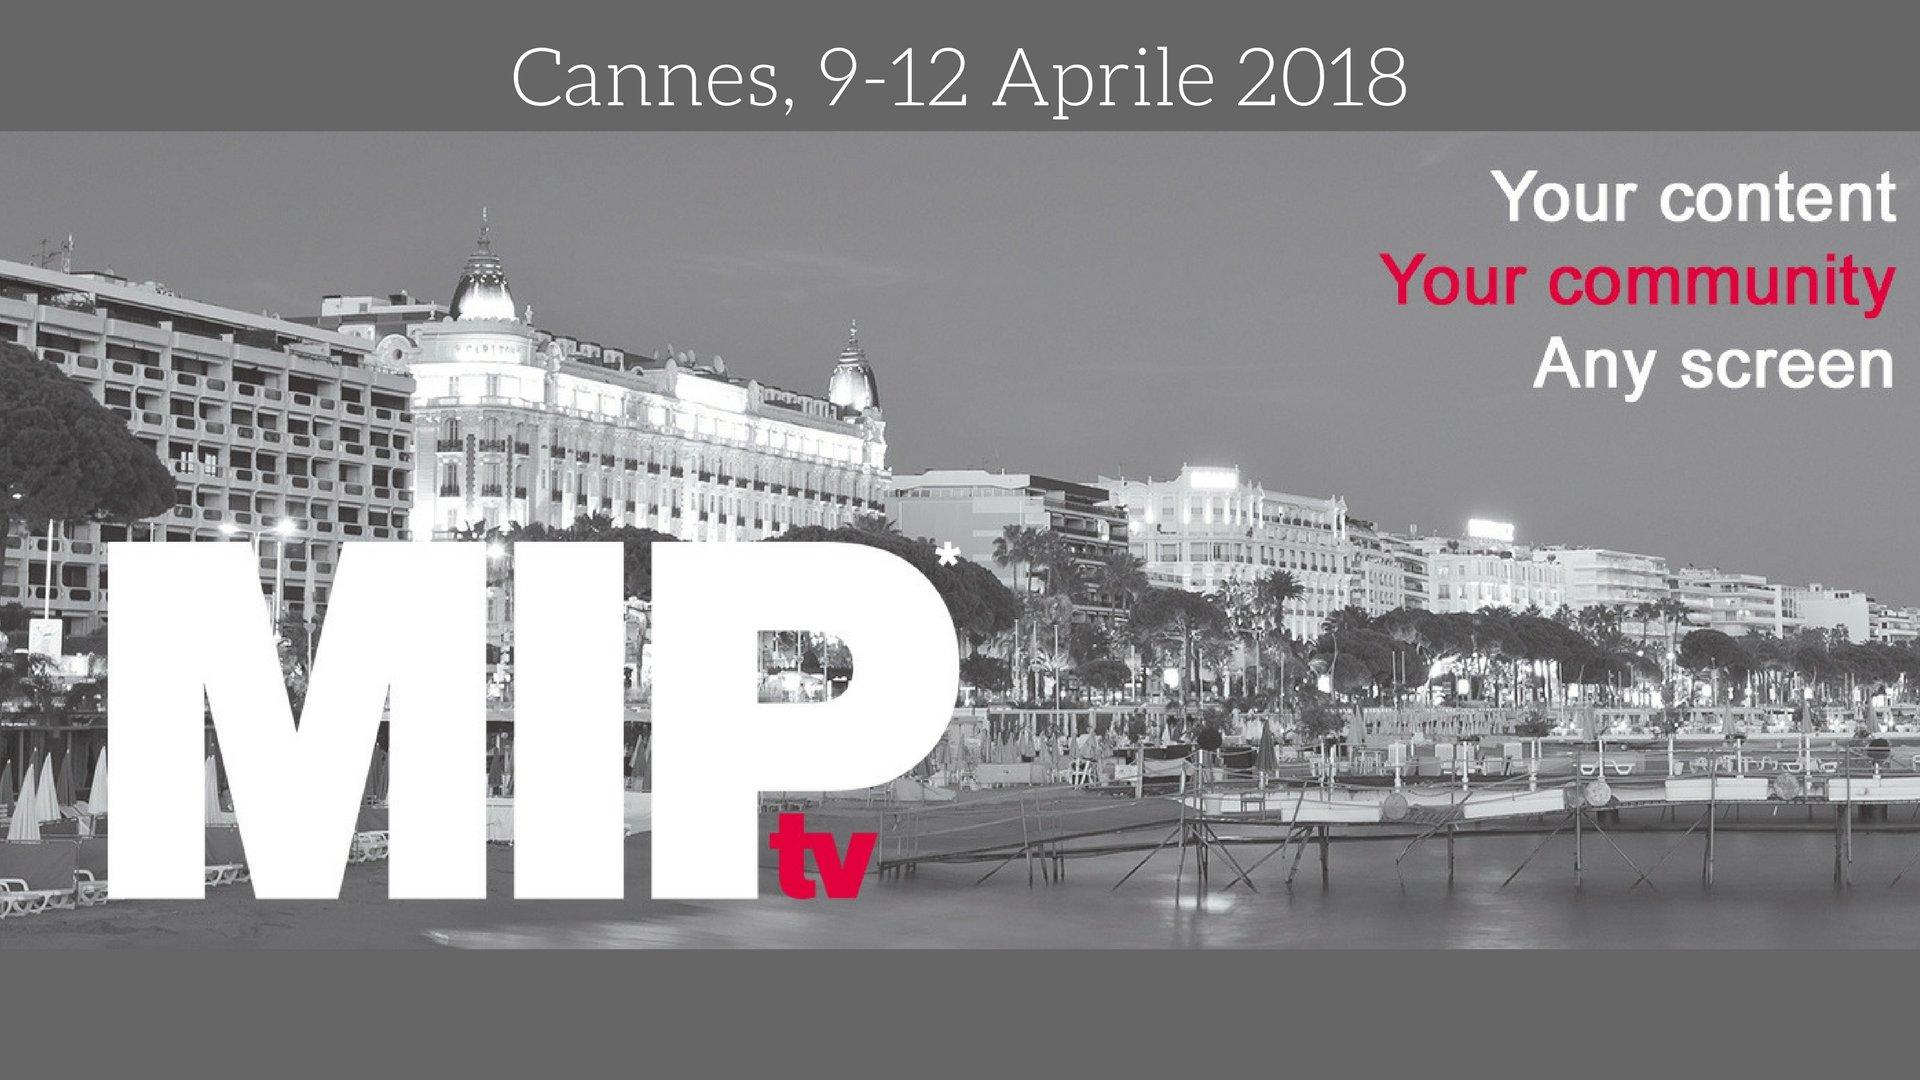 BweB porta la storia dell'Aglianico a Cannes